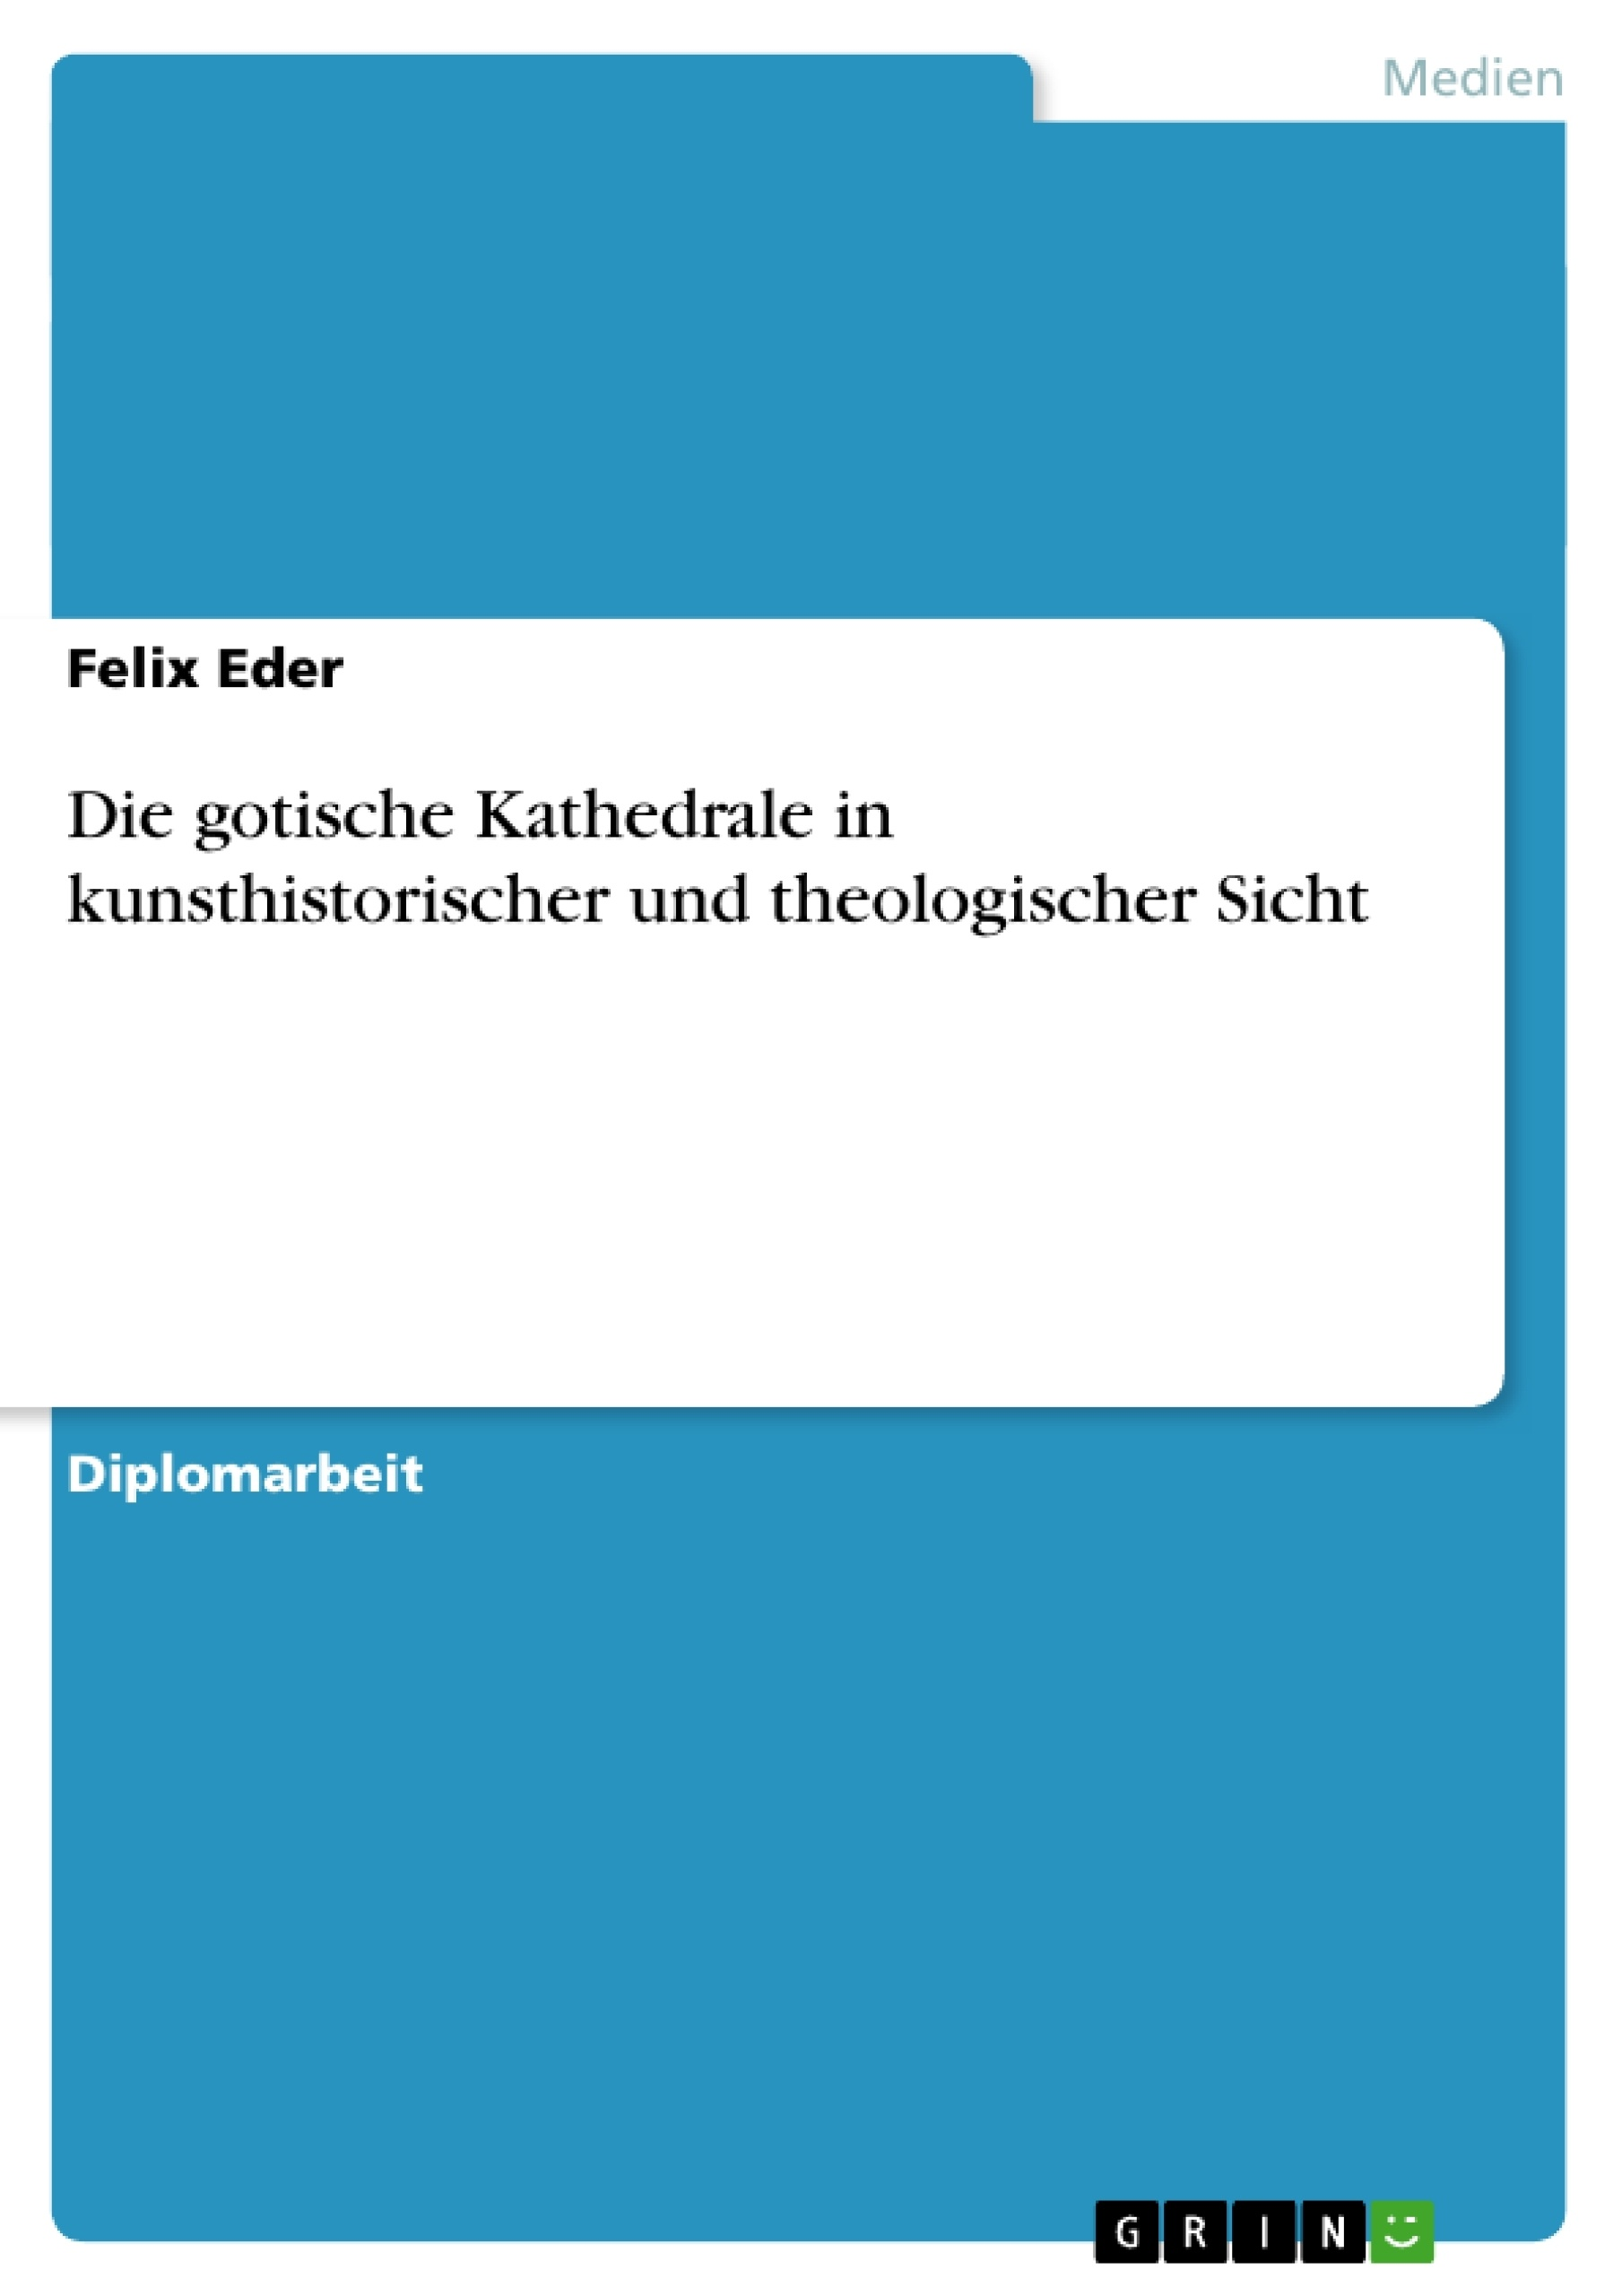 Titel: Die gotische Kathedrale in kunsthistorischer und theologischer Sicht